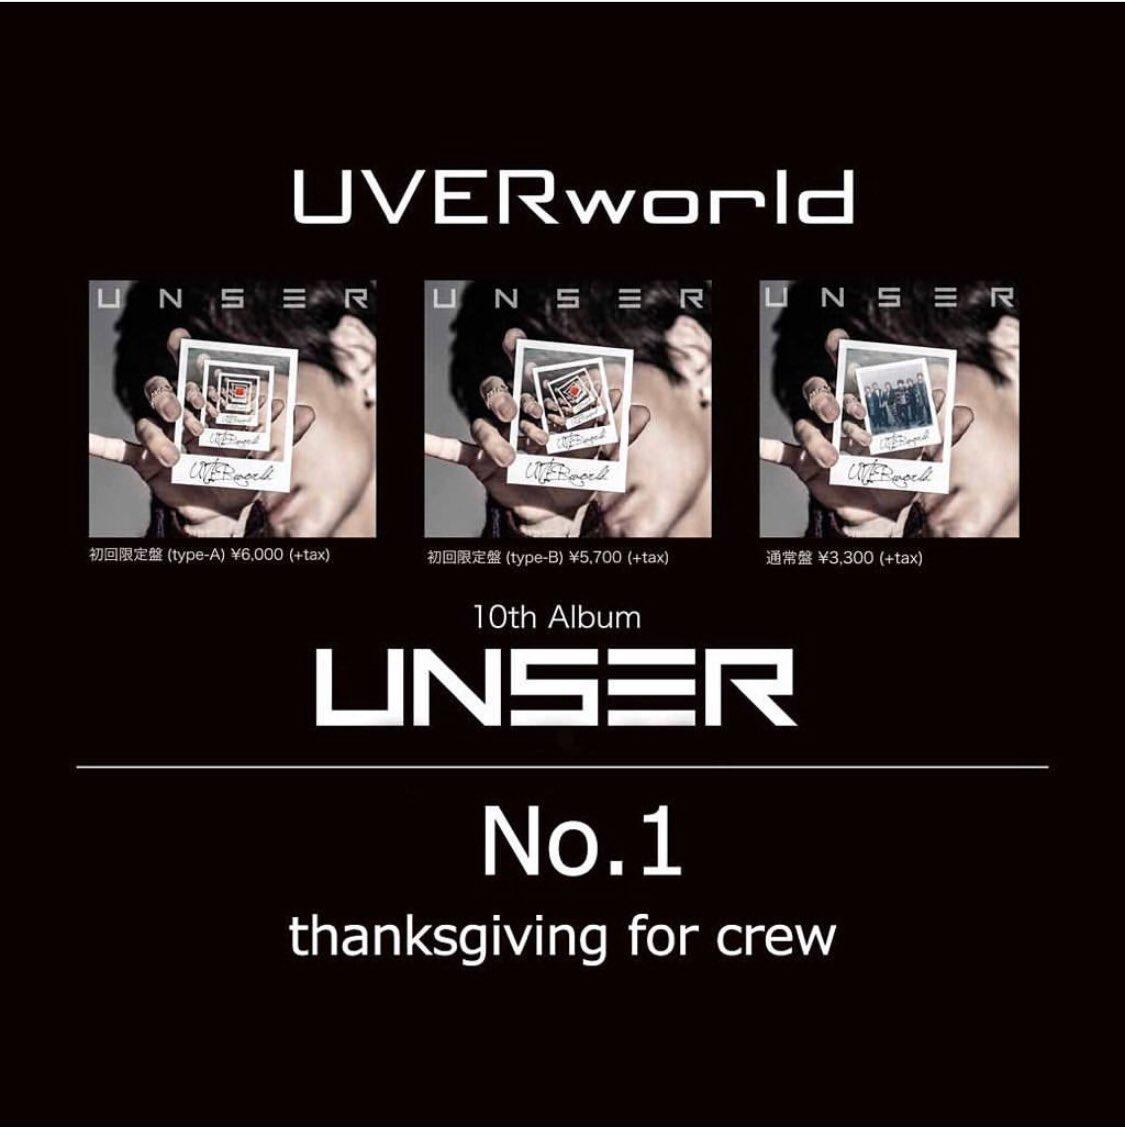 test ツイッターメディア - 「UNSER」オリコンウィークリーCDアルバム&ダウンロードアルバム共に一位! ありがとうございます!! #UVERworld #UVER #ウーバーワールド #ウーバー #UNSER #オリコン #一位 #No1 #UVERworld拡がる #喜 https://t.co/GQJ6rHSiWl